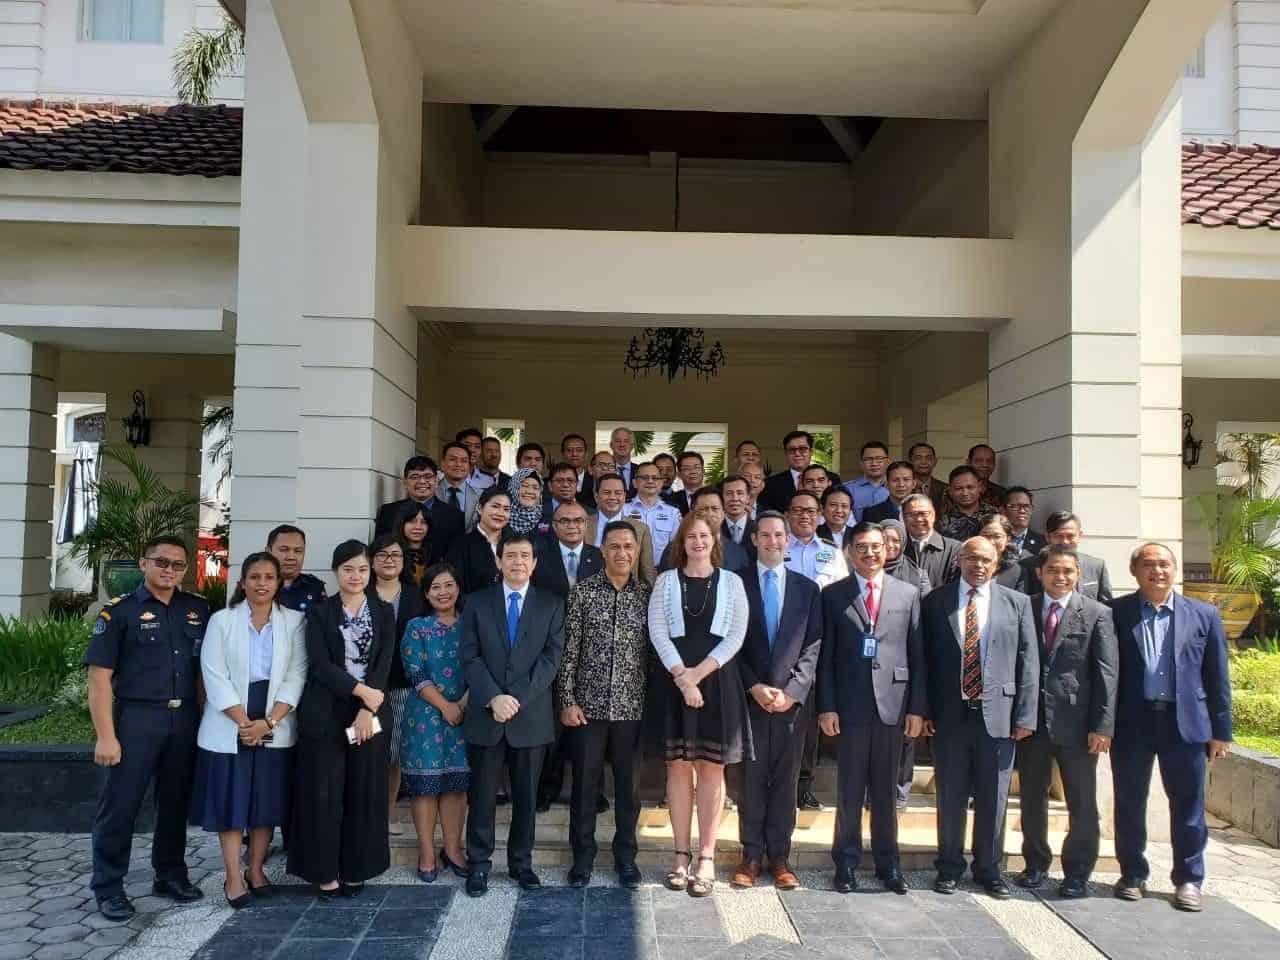 Bersama UNODC, Kemenko Marves Perkuat Penegakan Hukum di Laut